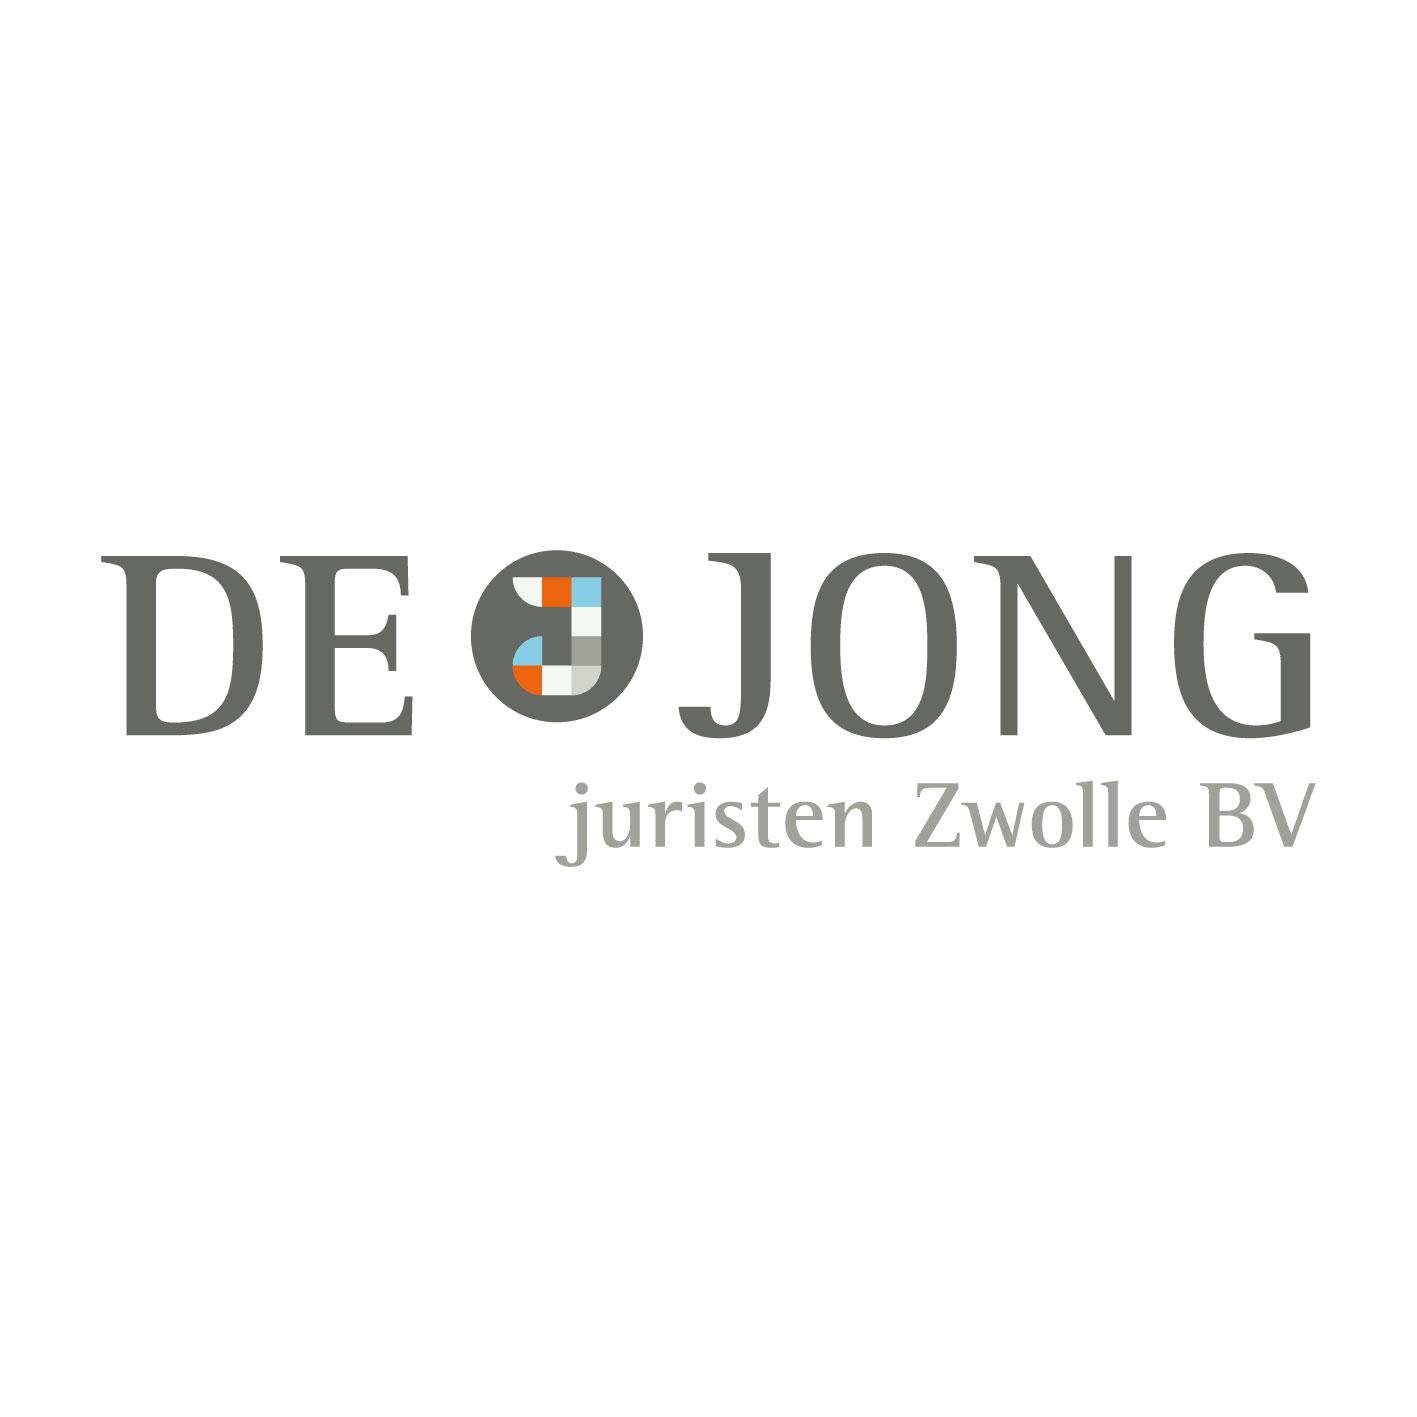 De Jong juristen Zwolle